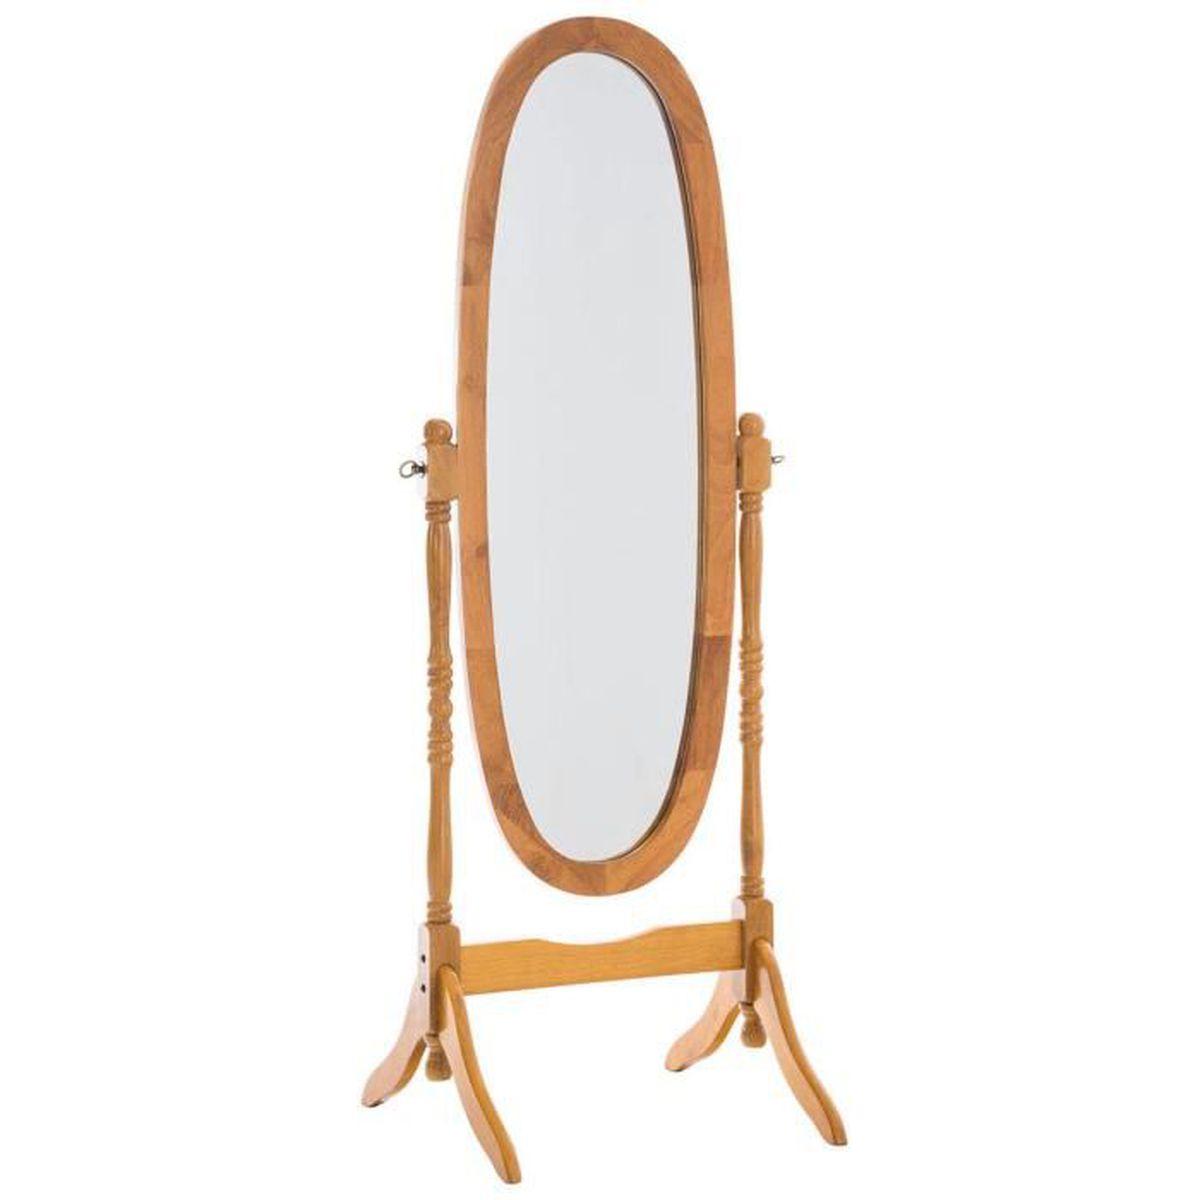 Miroir ovale en bois naturel 150 x 59 x 51 cm achat for Miroir 150 x 100